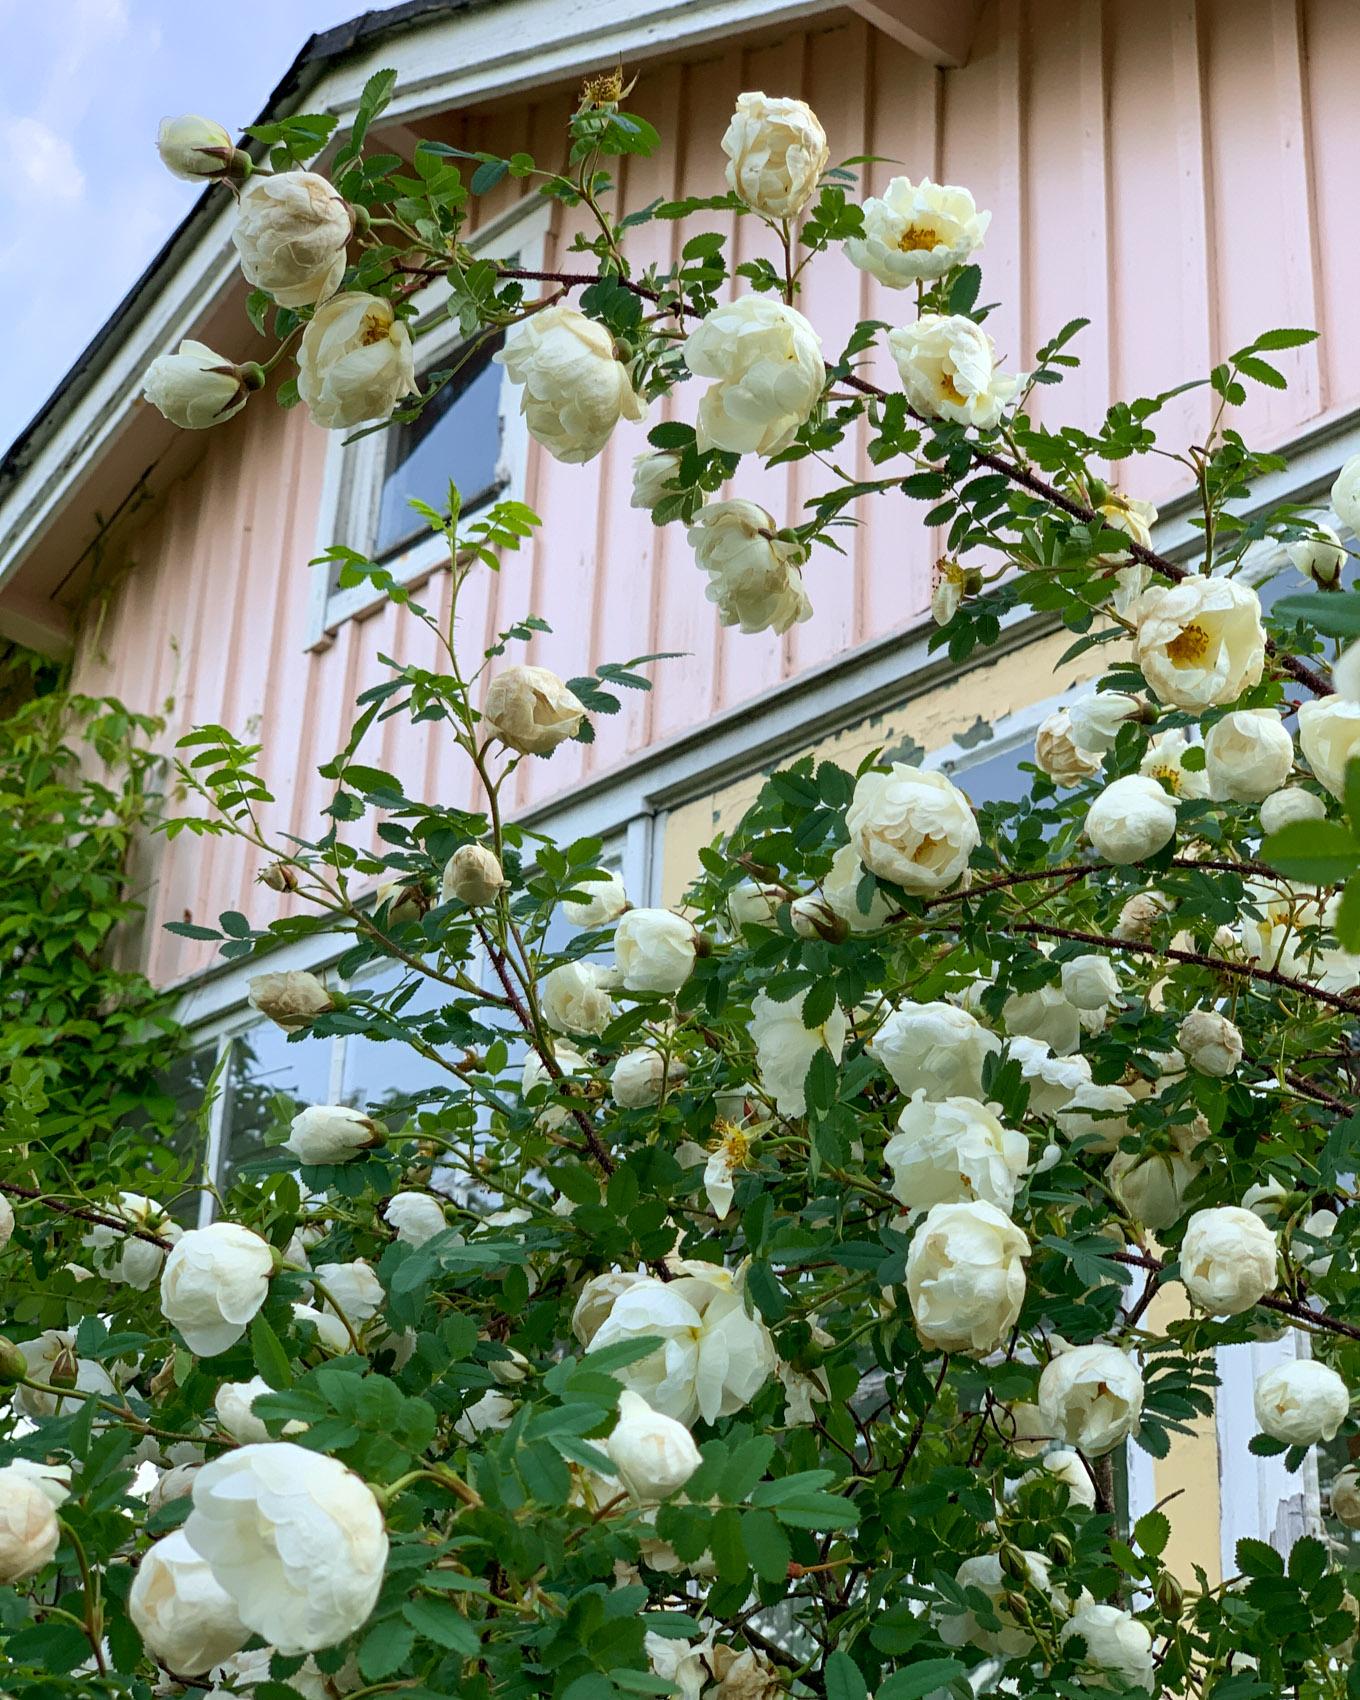 Juhannus puutarhamökillä: kukkia ja kesäkeittoa, hellettä ja hiekkarantaa